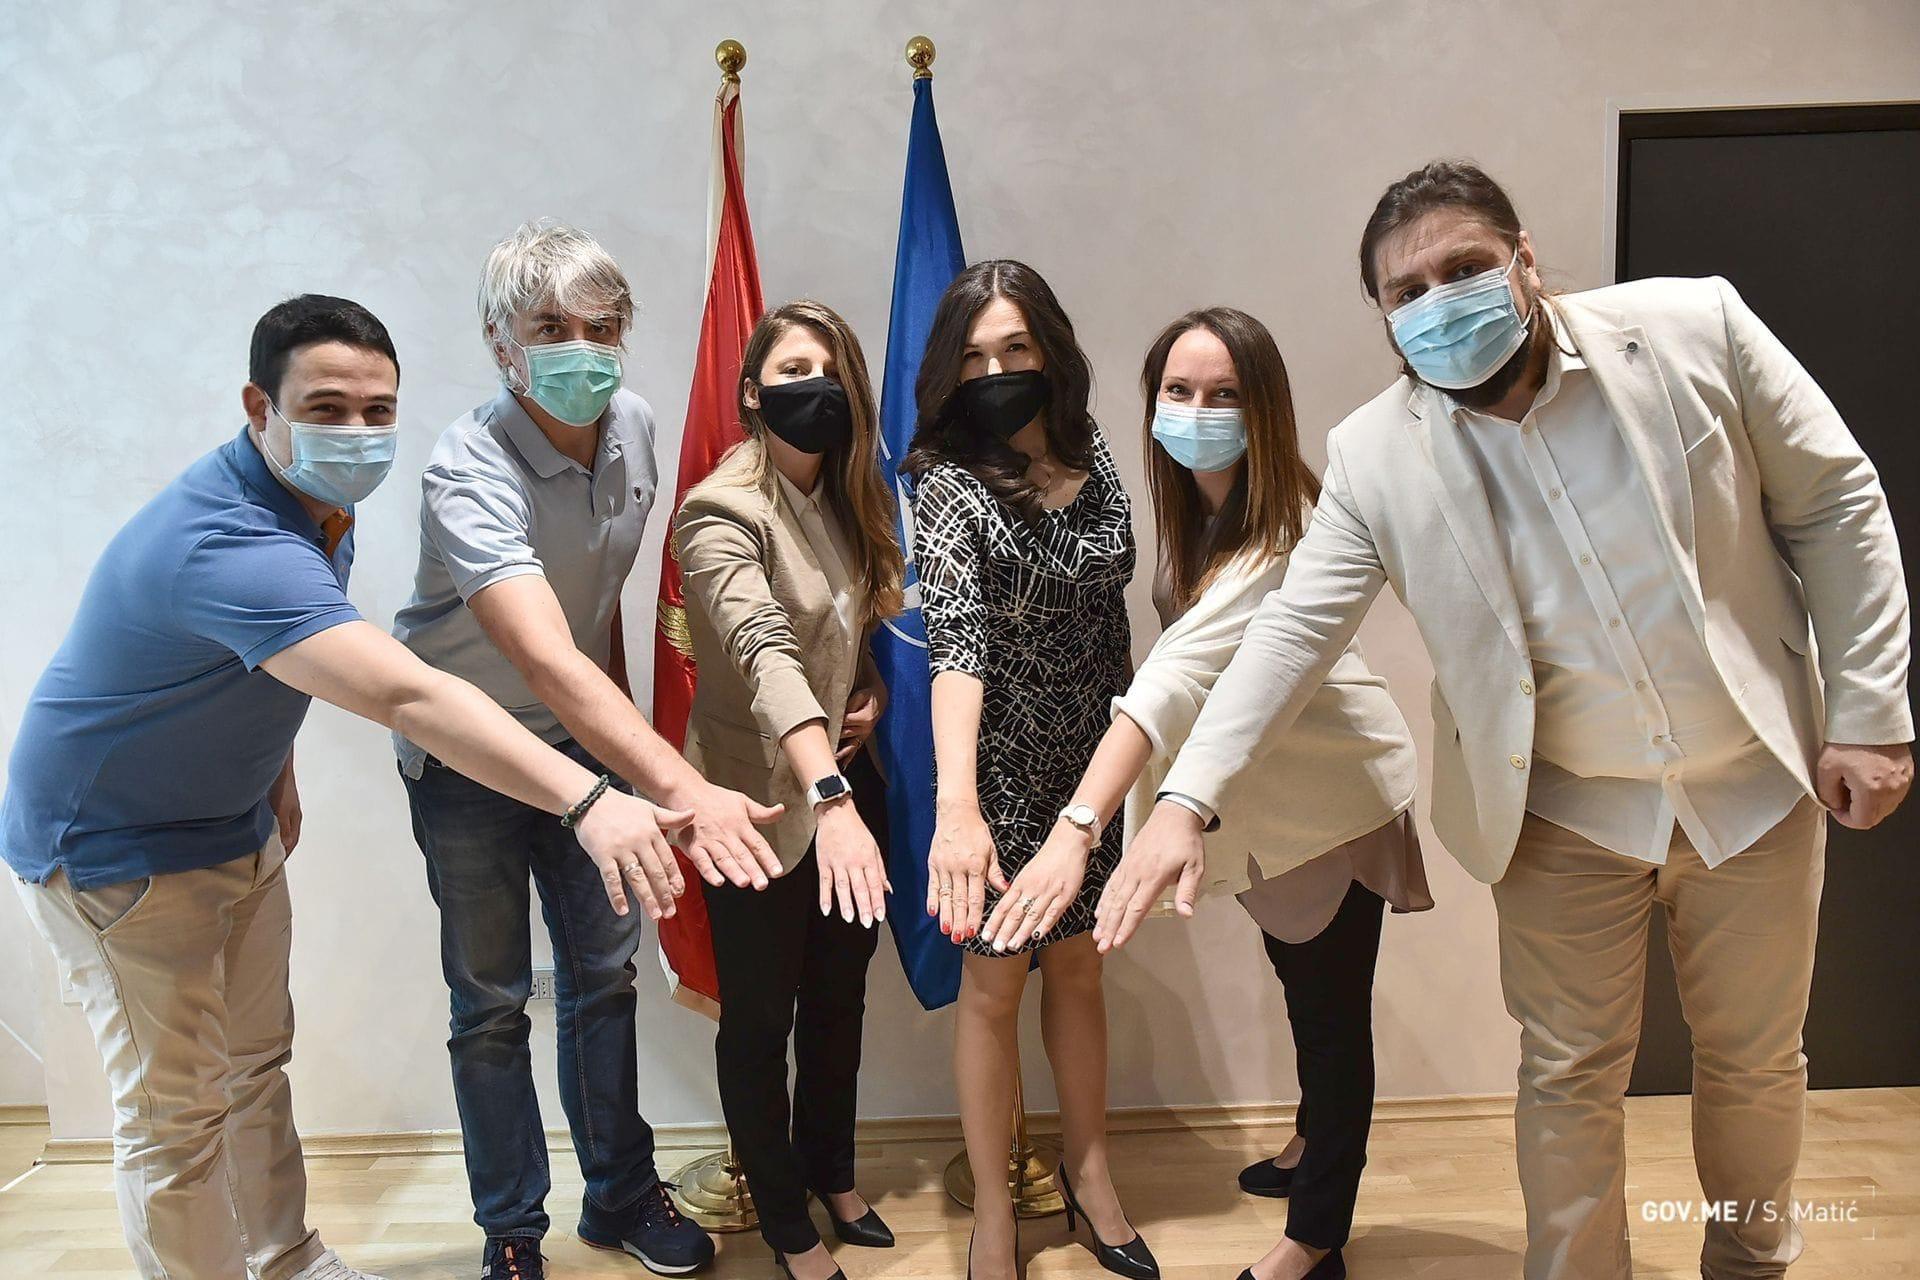 Fotografija 2: U cilju podrške crnogorskoj privredi u procesu fiskalizacije, potpisan Memorandum o saradnji sa udruženjem ICT Cortex i njegovim članicama